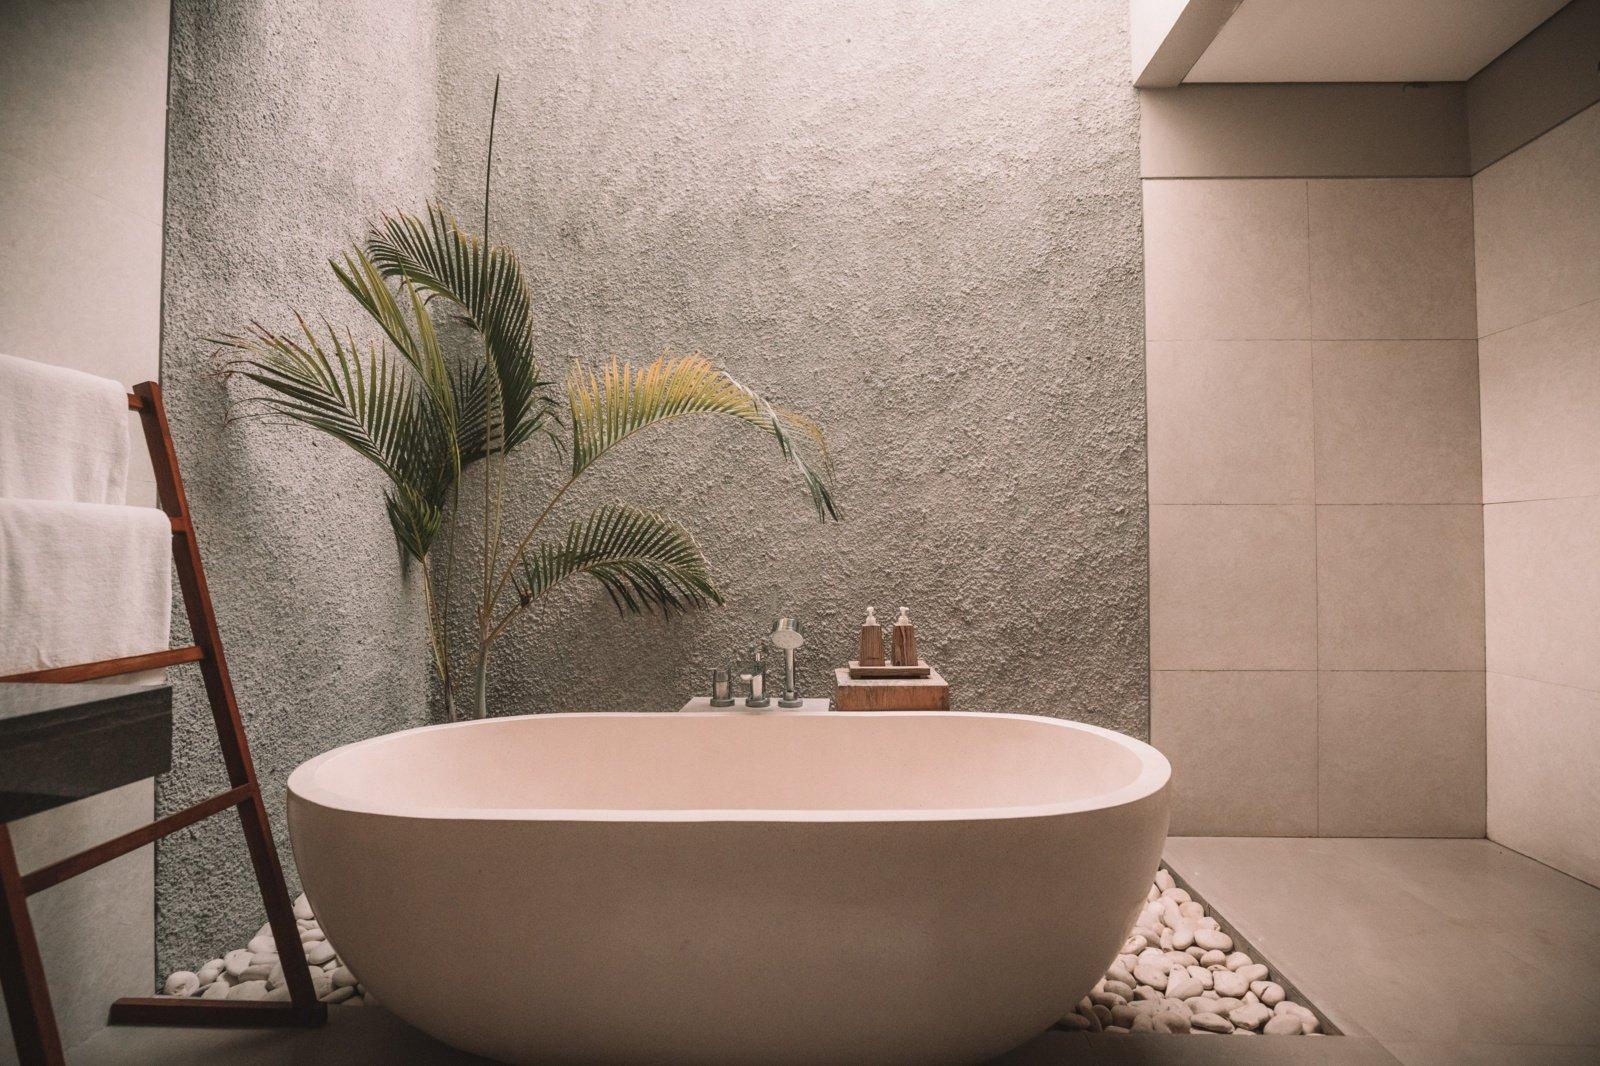 Dažniausiai pasitaikančios įrengimo problemos ir sunkumai vonios kambaryje